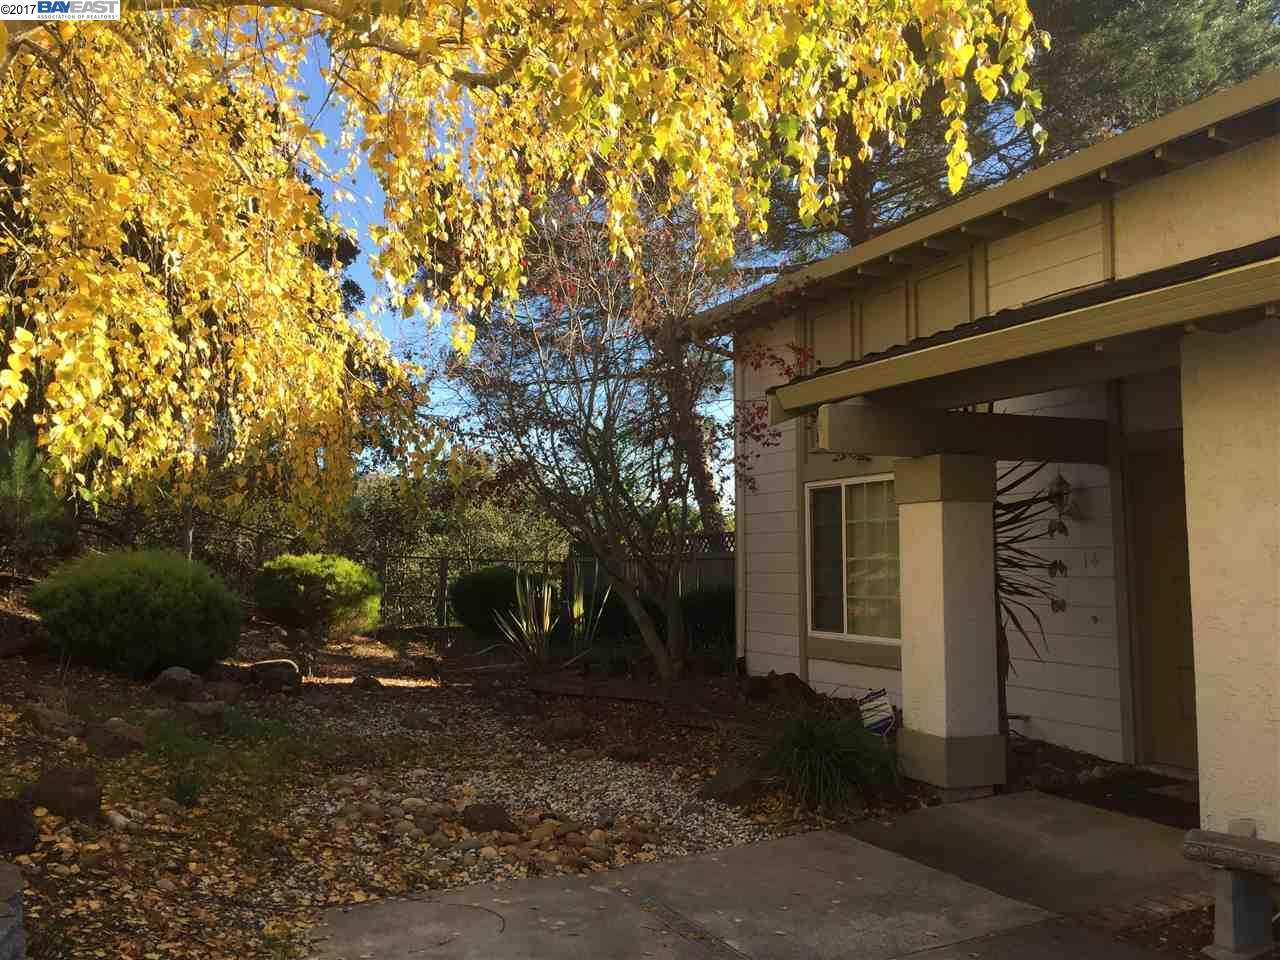 Частный односемейный дом для того Продажа на 14 Clear Water Court 14 Clear Water Court Richmond, Калифорния 94803 Соединенные Штаты